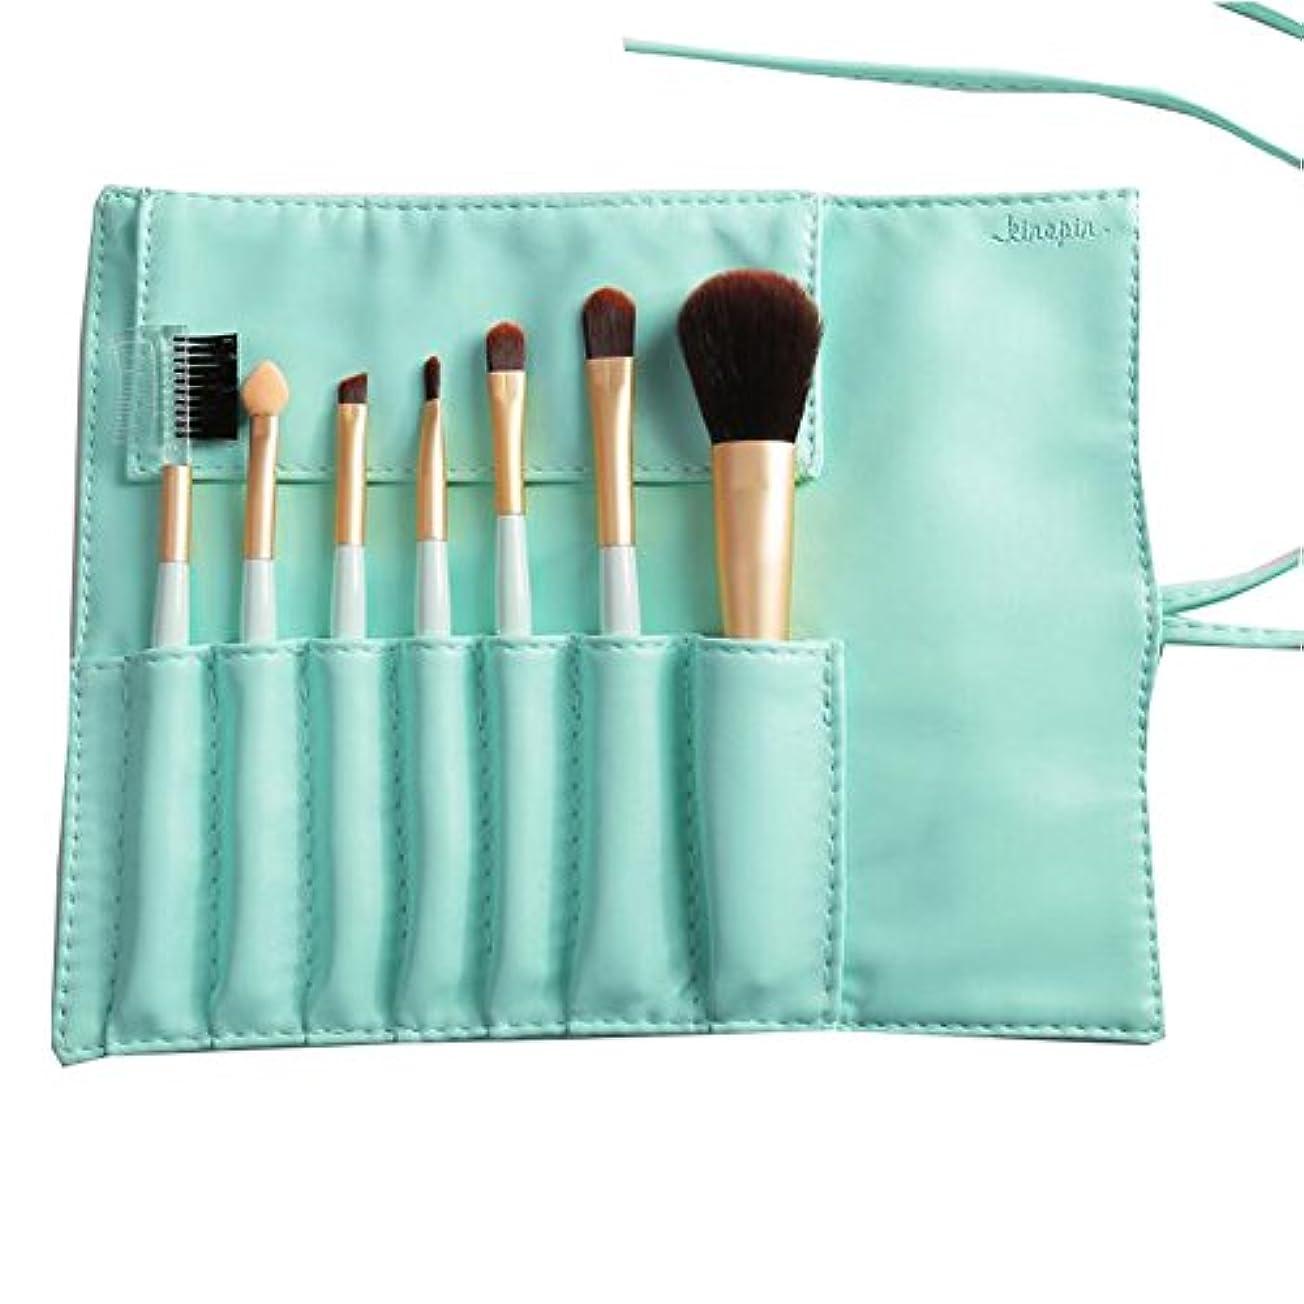 幻影風味マトン7つの化粧品のセットフェイスブラッシュ輪郭ファンデーション化粧ブラシキット